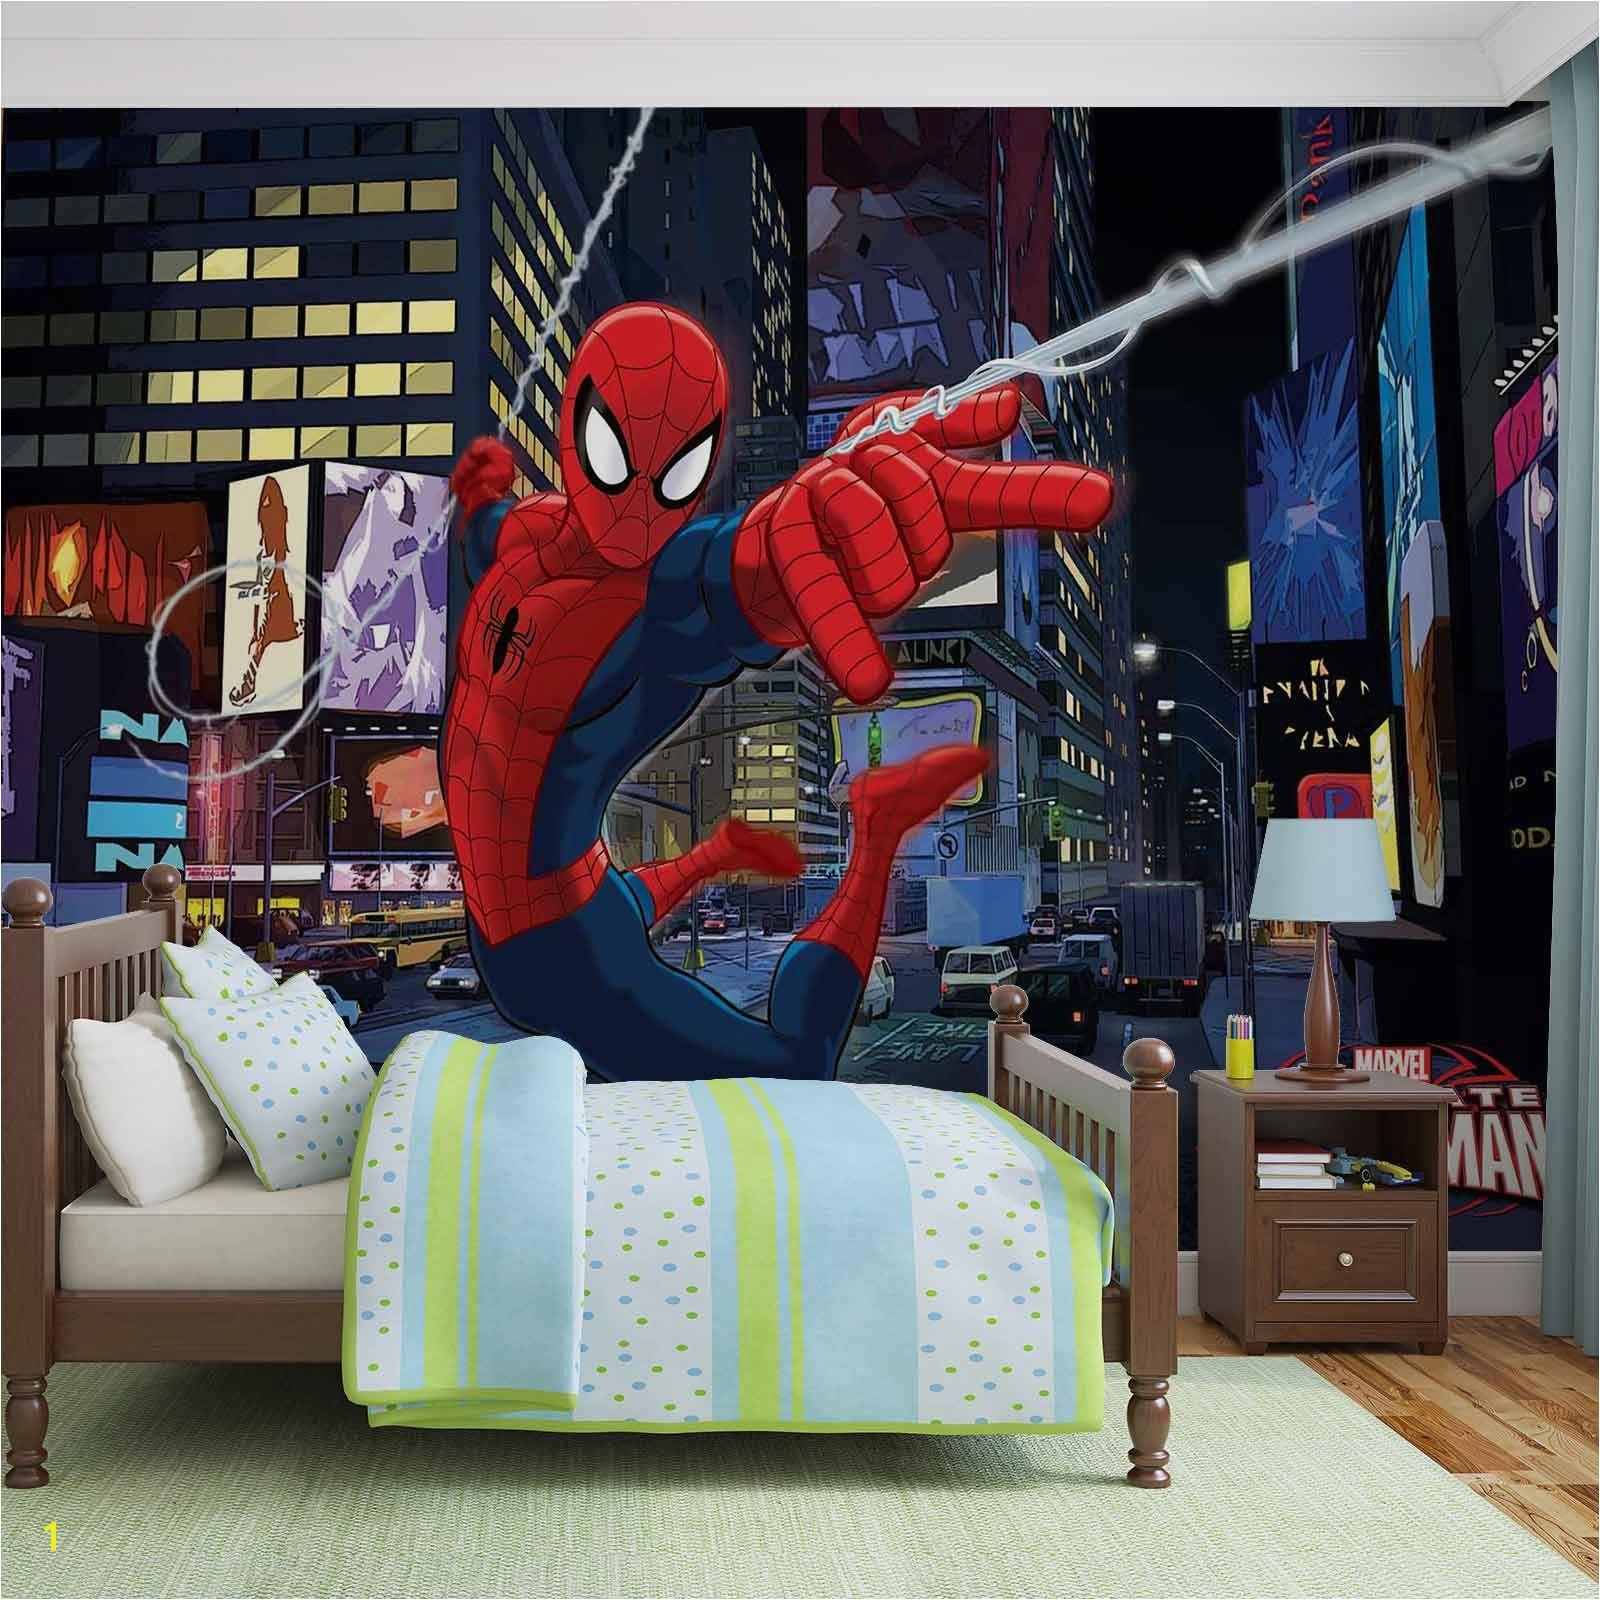 Spiderman ics hero bedroom wallpaper